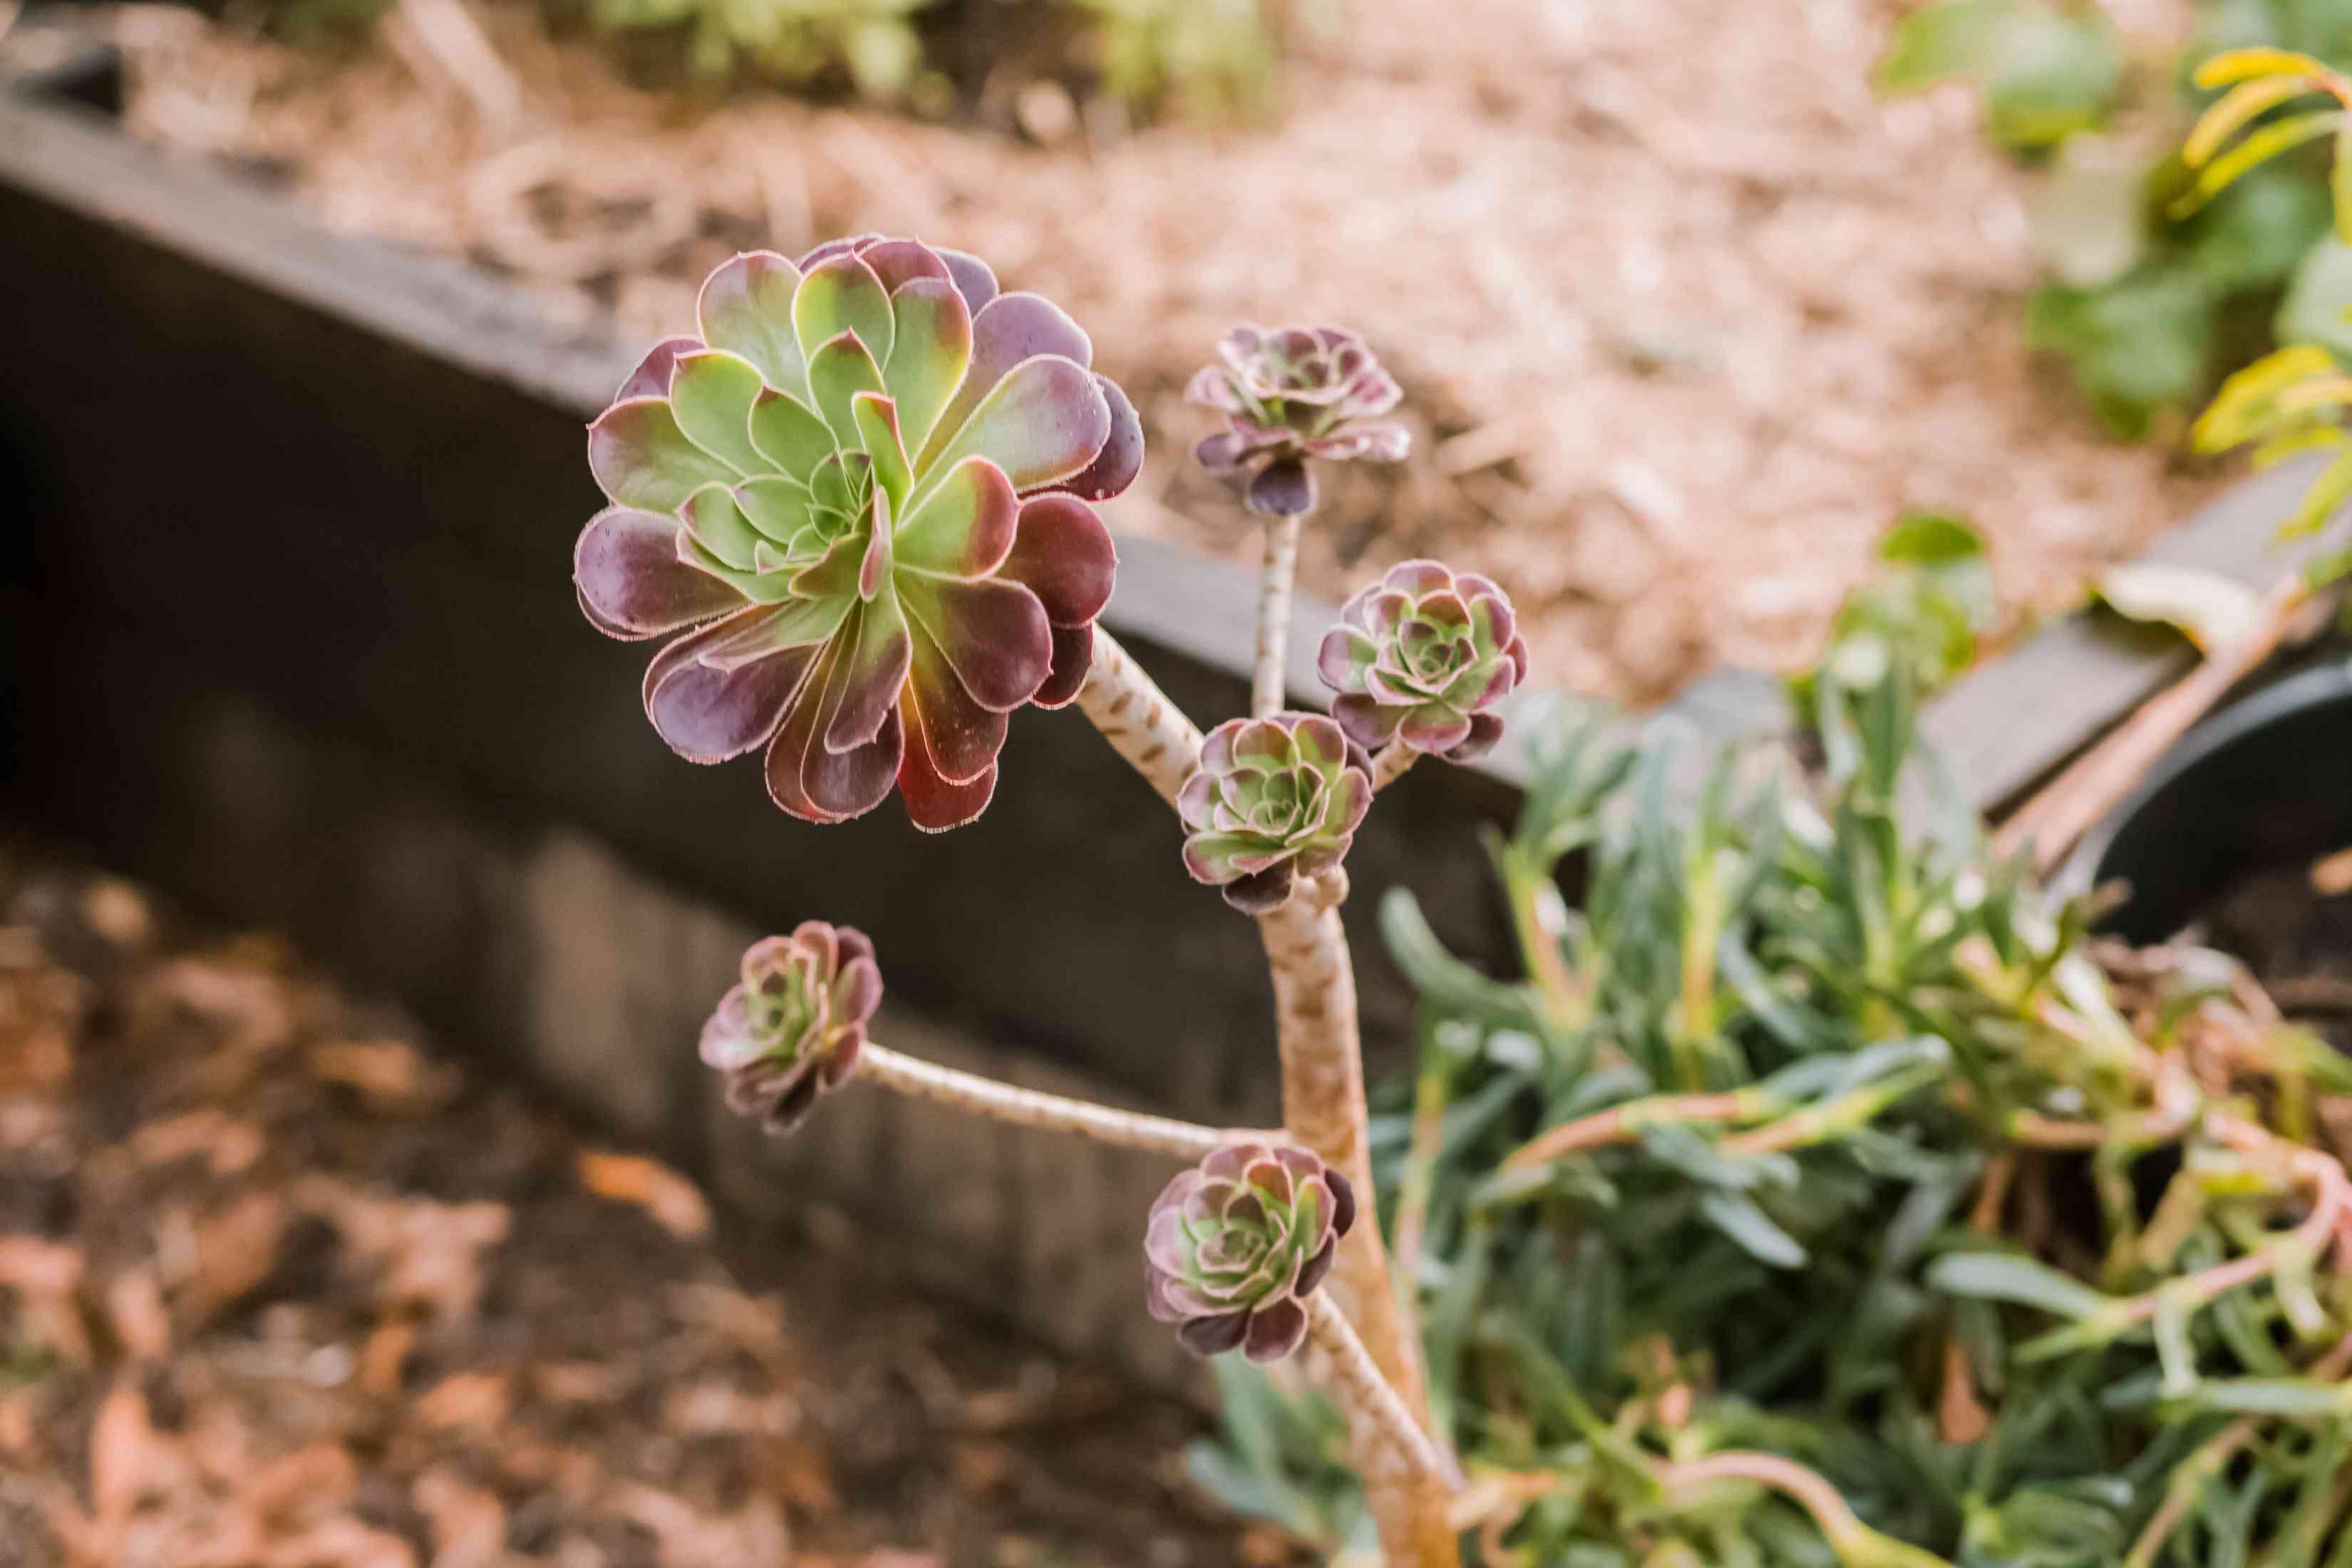 one type of aeonium plant